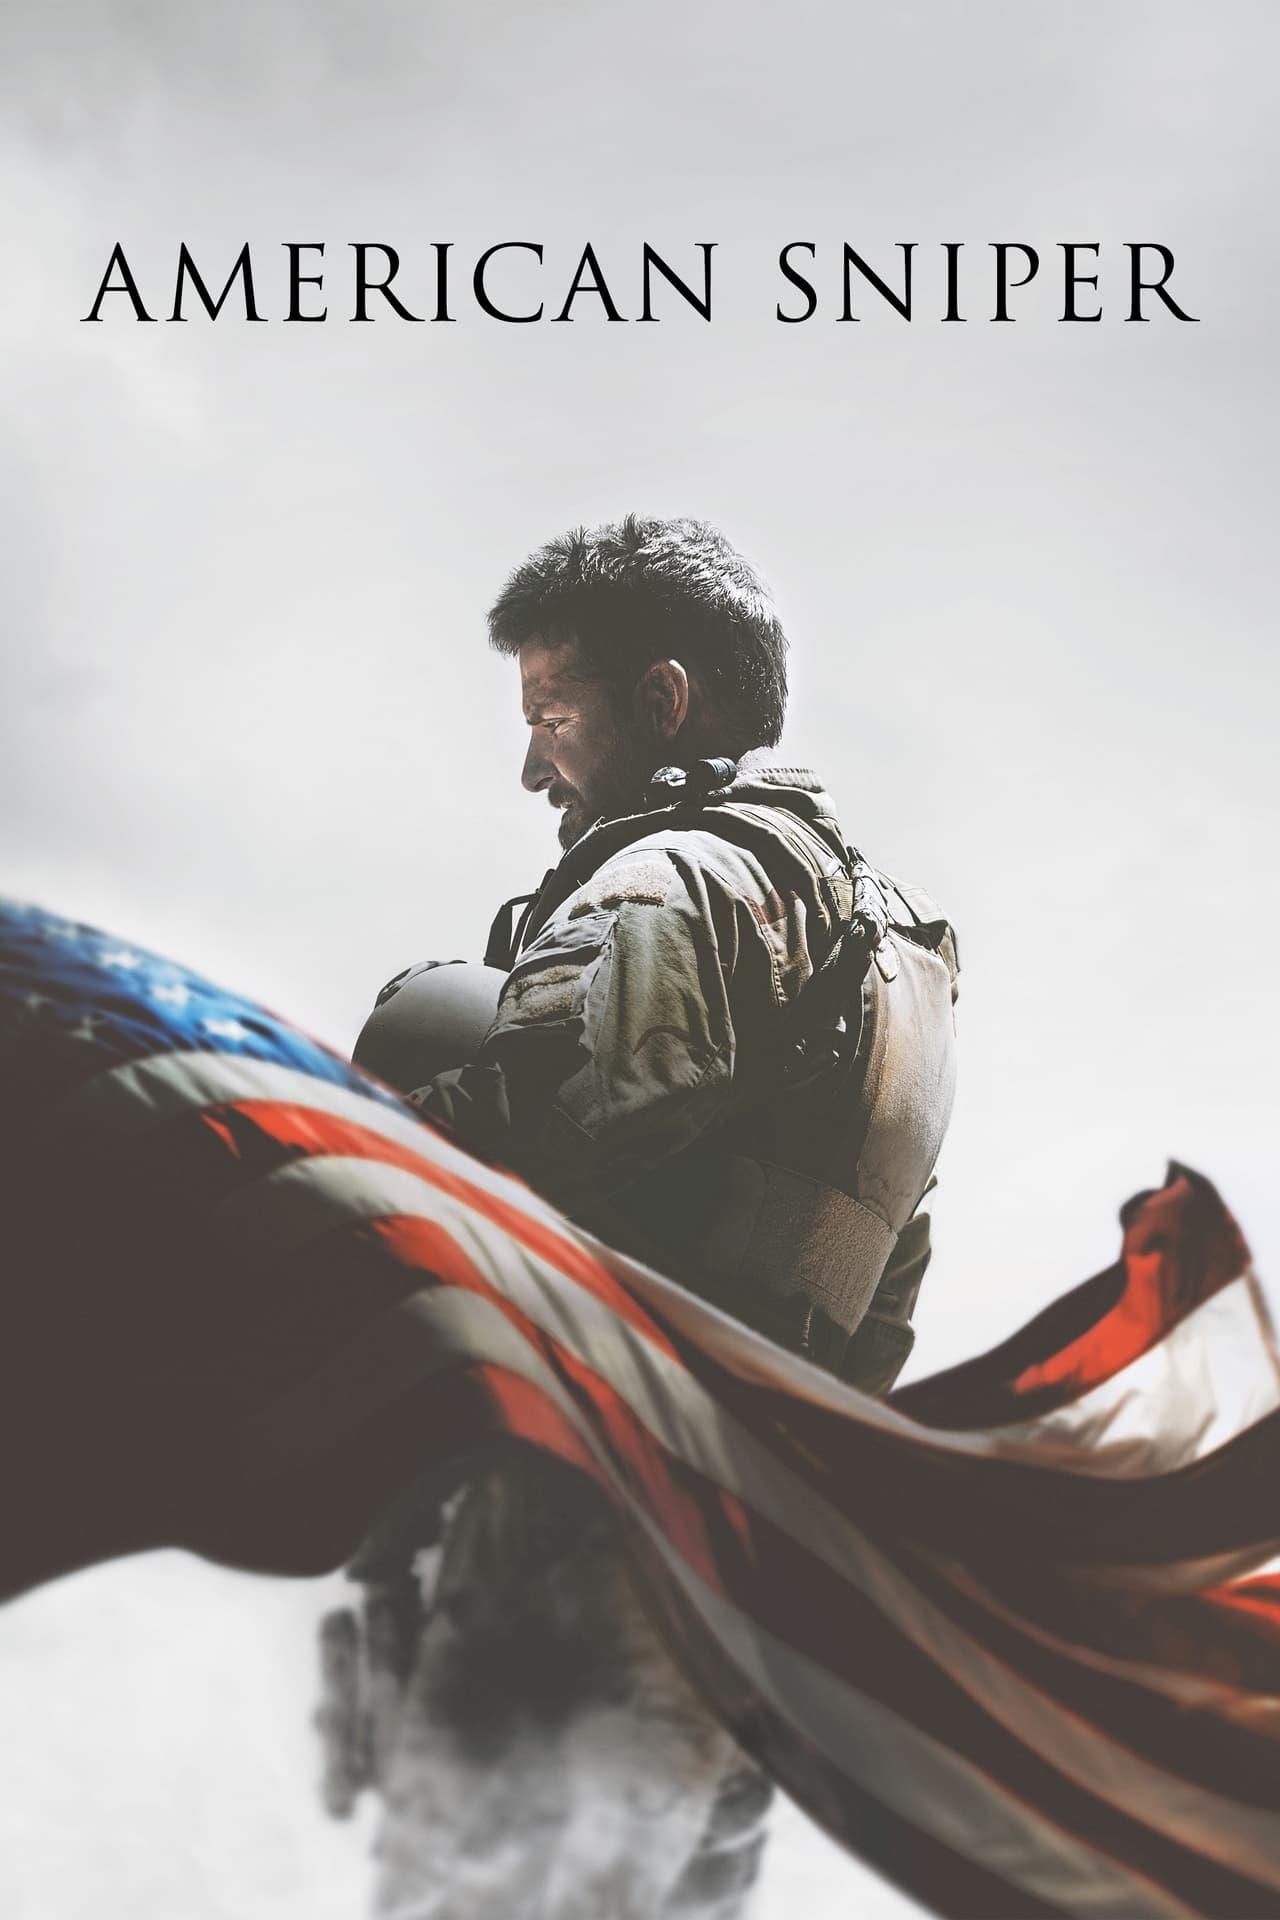 american sniper 1080p bluray subtitle